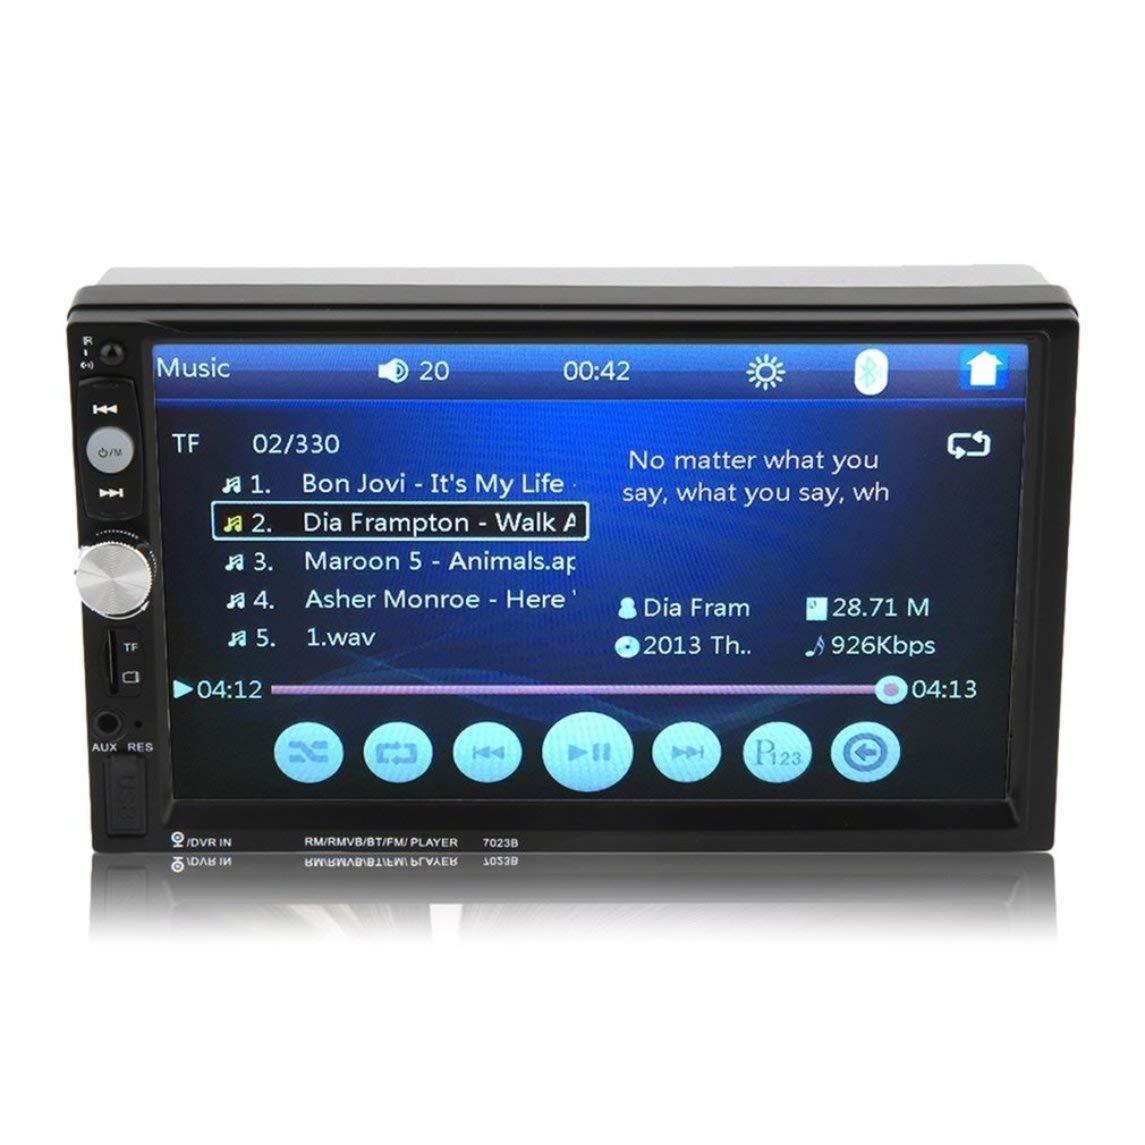 Footprintse 7023B Auto Car Doble DIN Reproductor de DVD del Coche 7 Pulgadas de Pantalla táctil TFT Multimedia Radio Reproductor de Bluetooth MP5 con ...